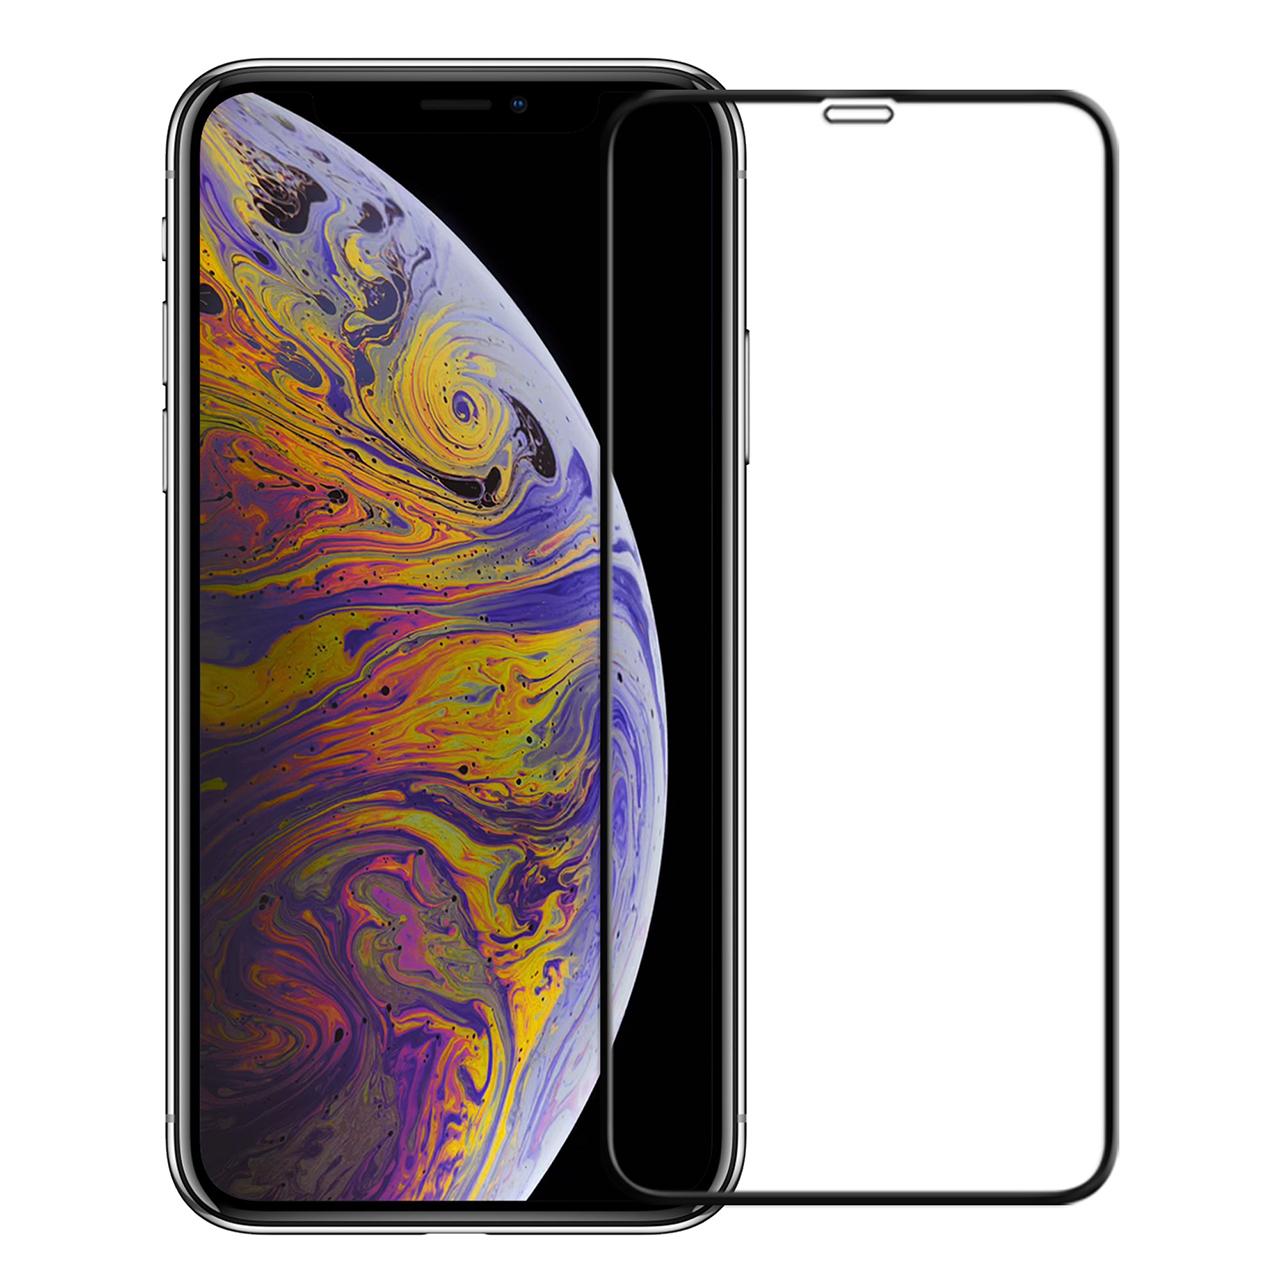 محافظ صفحه نمایش نیکسو مدل FG مناسب برای گوشی موبایل اپل Iphone Xs Max